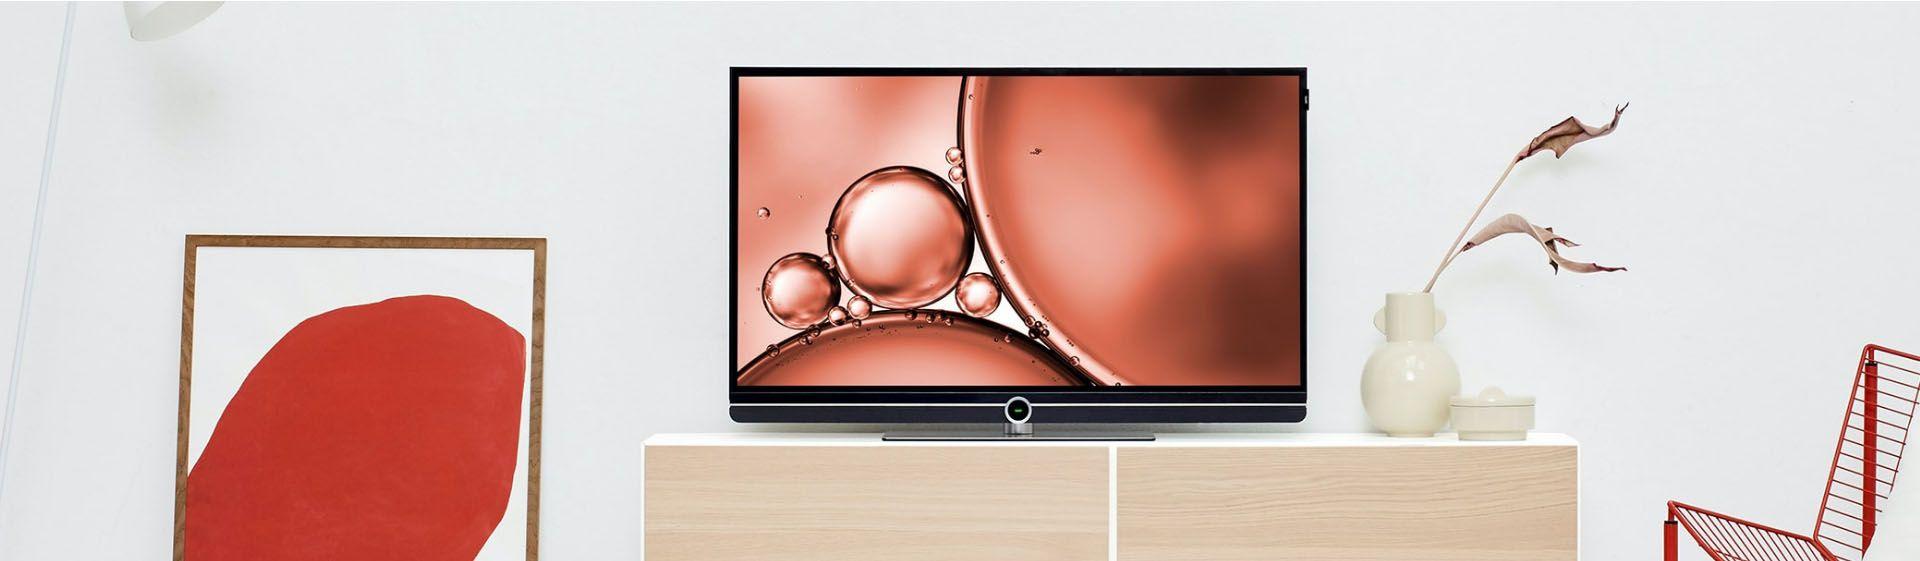 Melhor smart TV 32 polegadas 2020: TCL S6500 lidera nosso ranking